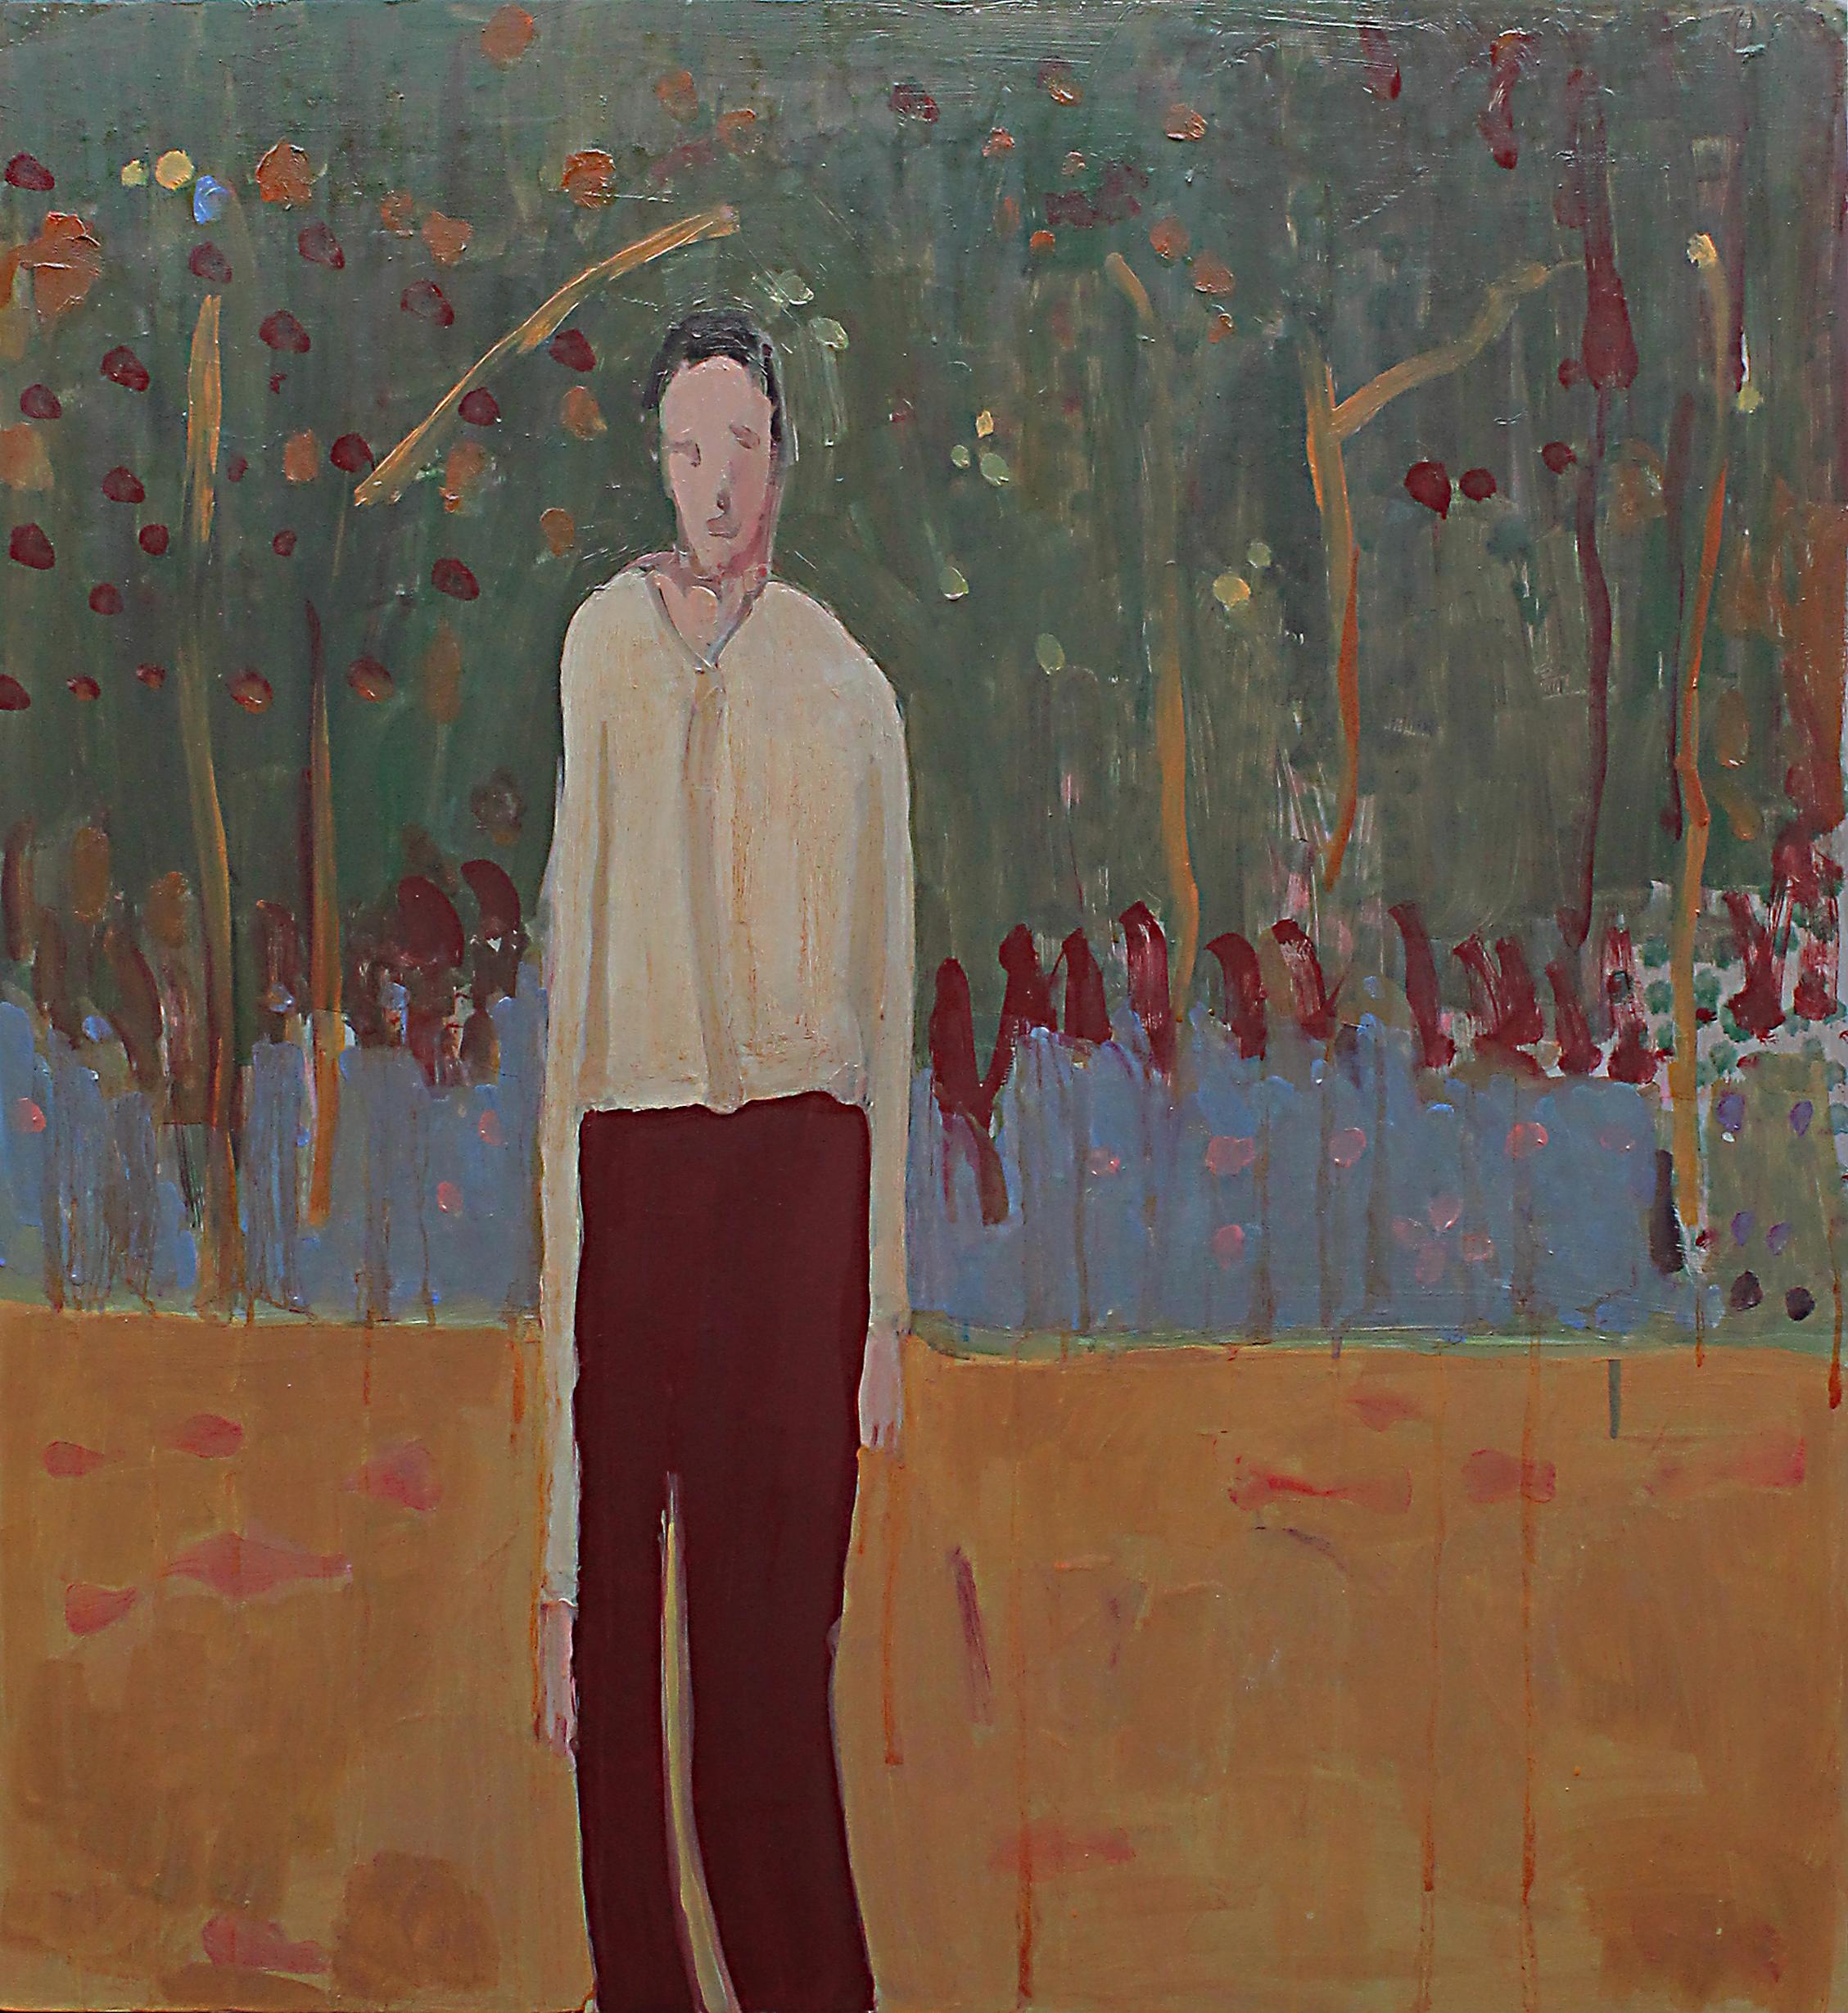 Francesco Cocco, Quando canta la luna il sole ha già mangiato, 2016, olio su tela, 90 x 80 cm